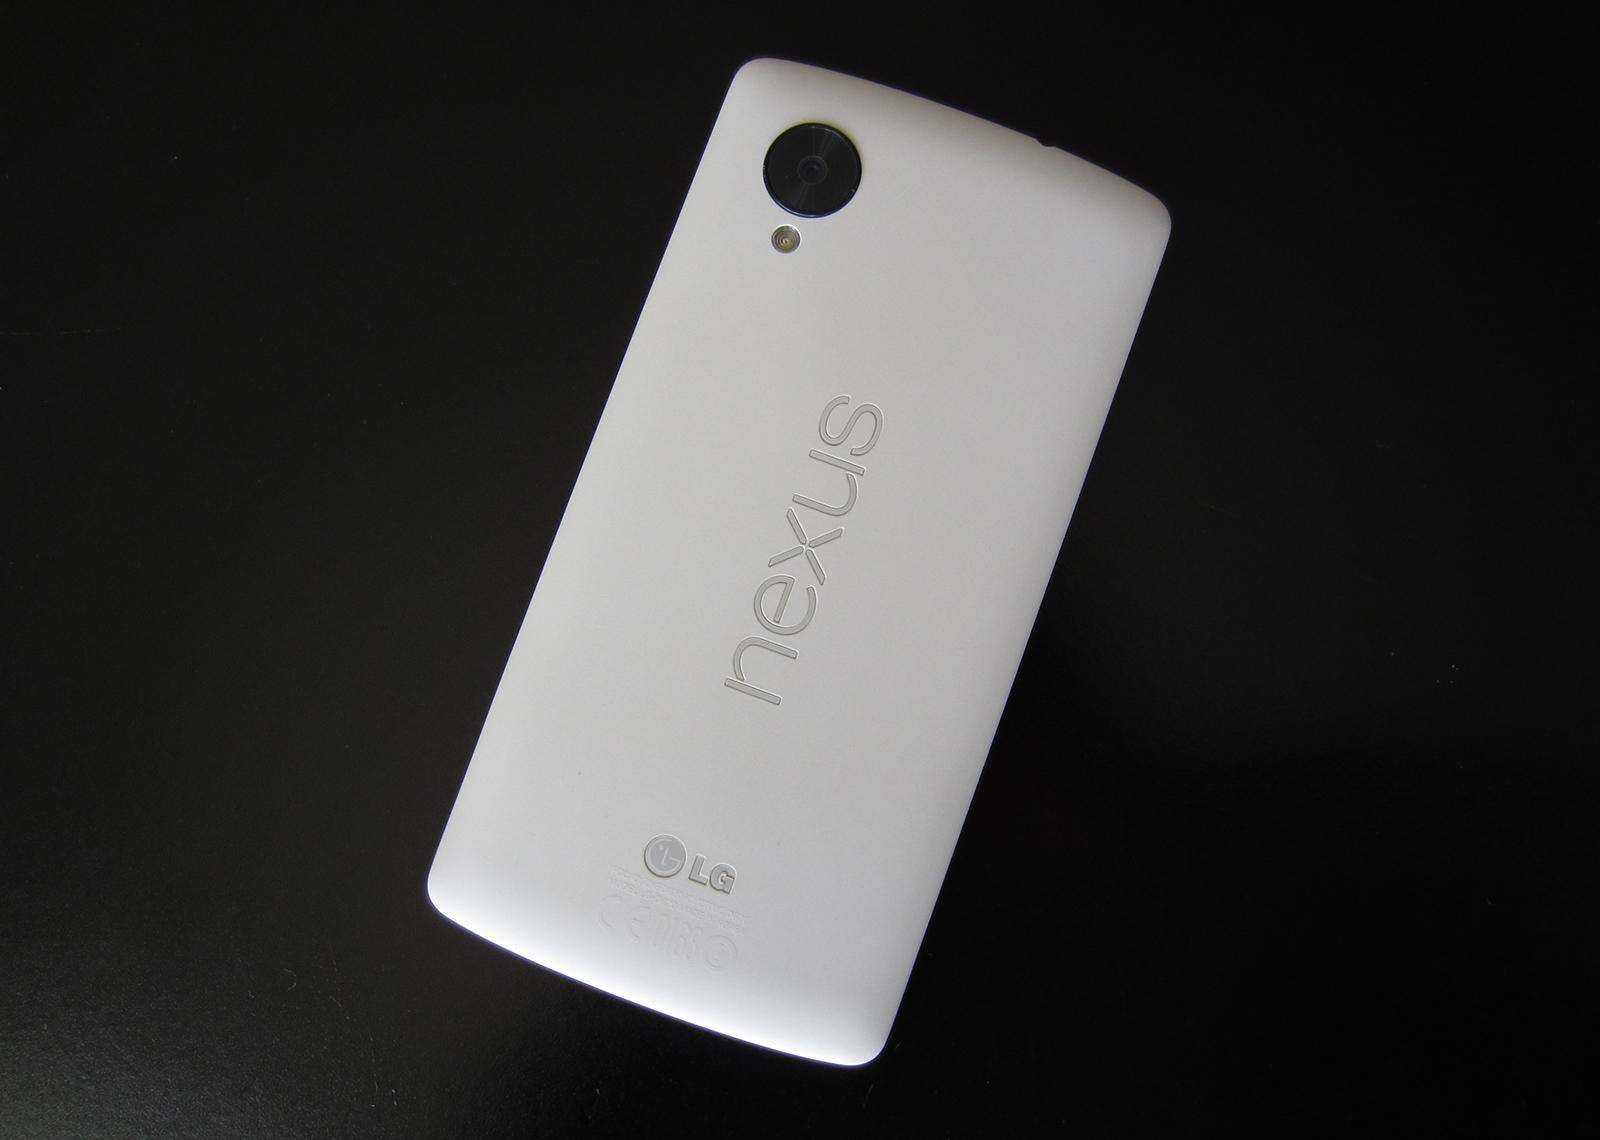 Nexus 5 Bästa billiga telefonen maj